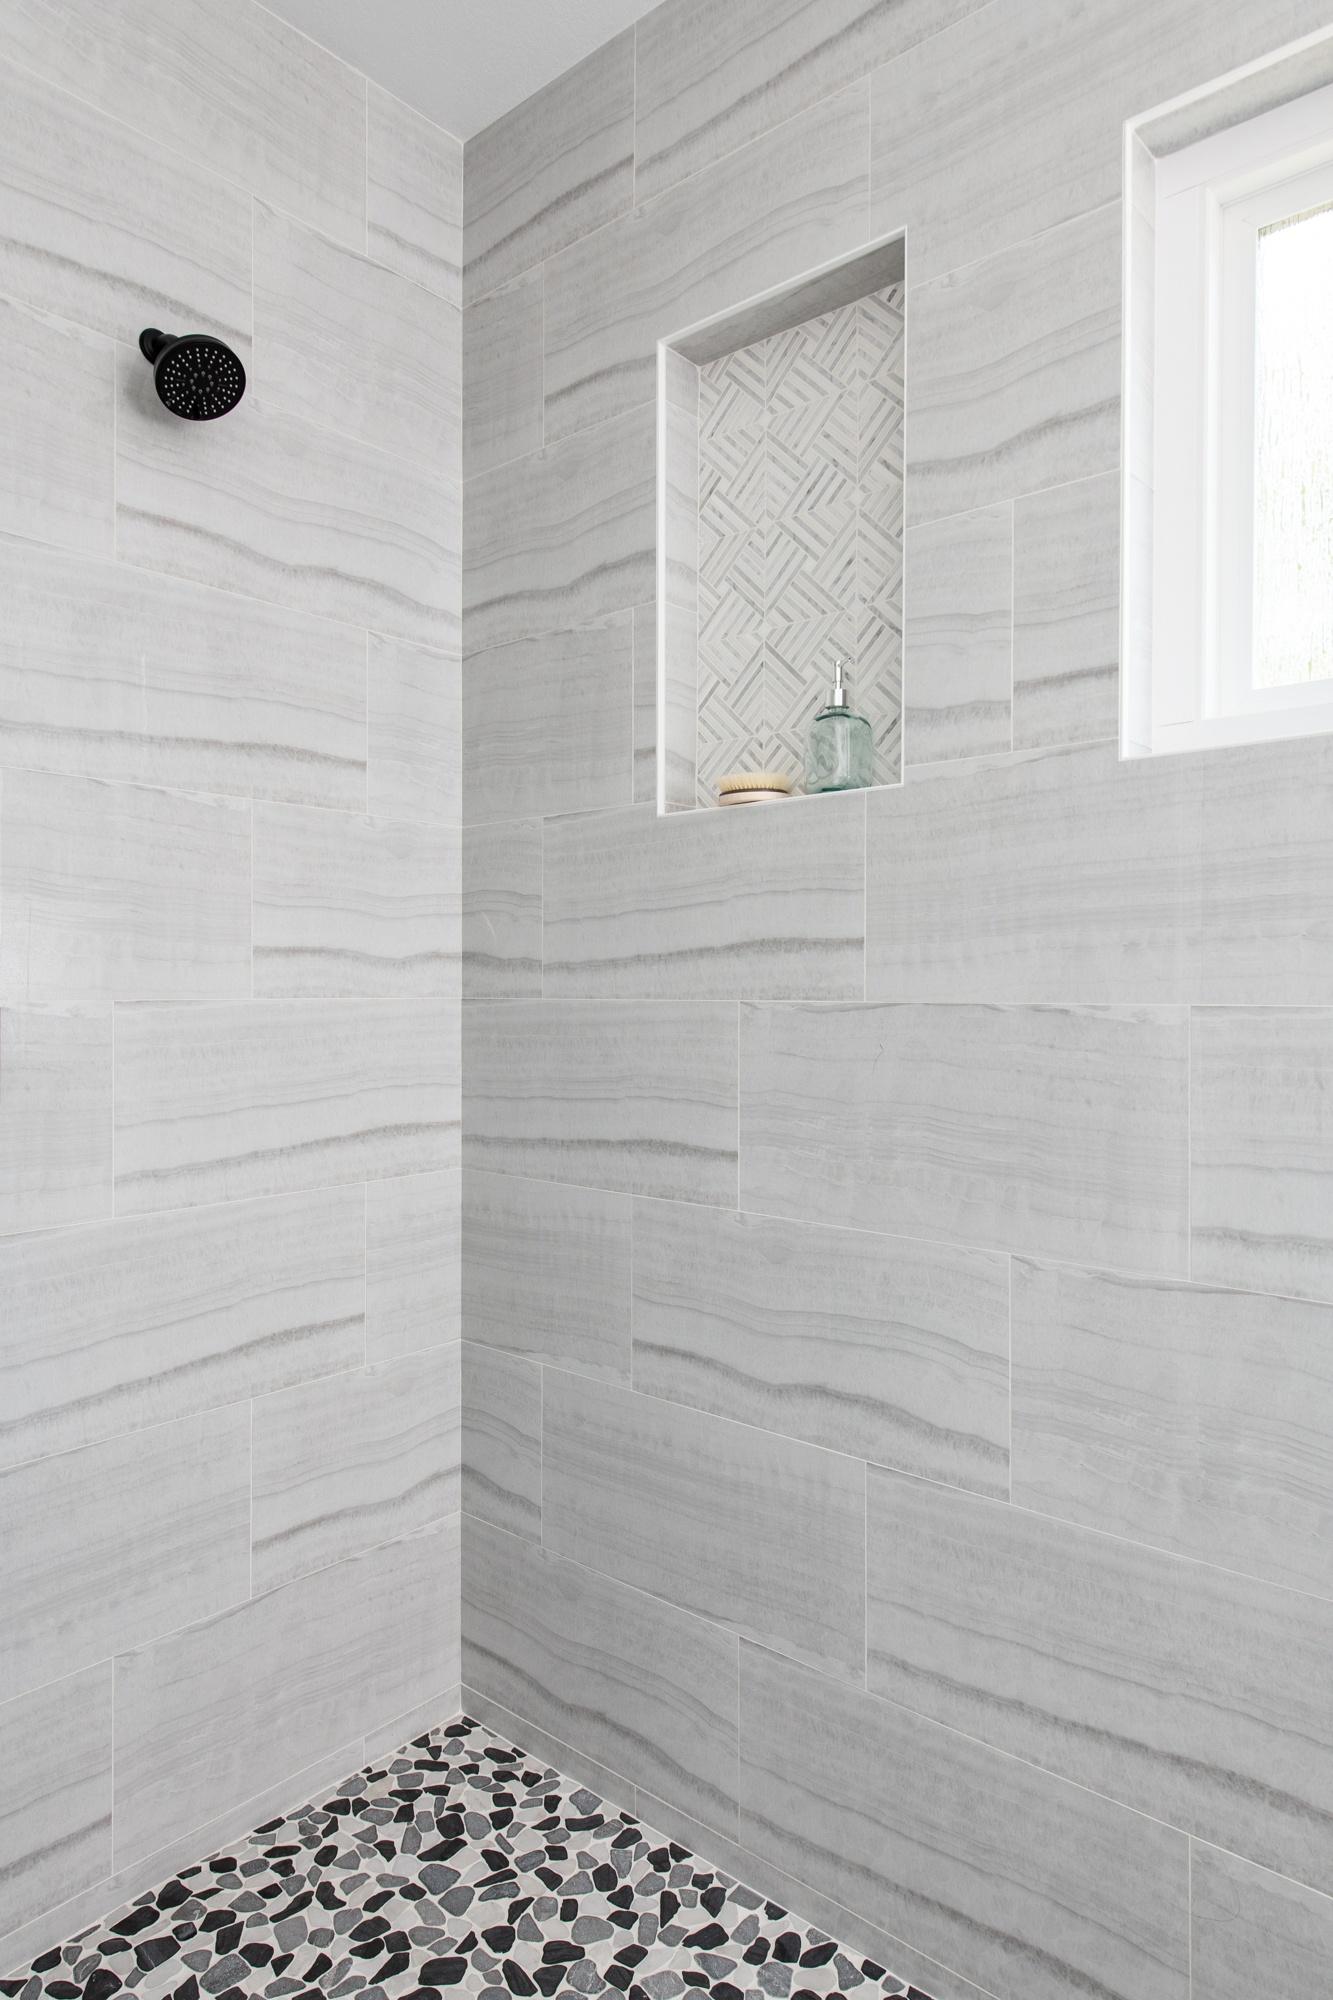 Ladera Ranch Bathroom Remodel With Porcelain Shower Tile